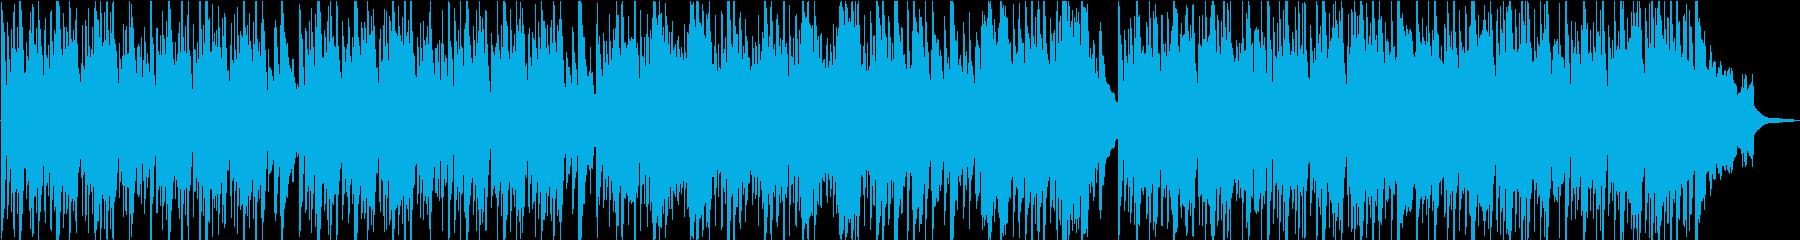 ほのぼの軽快ポップスの再生済みの波形